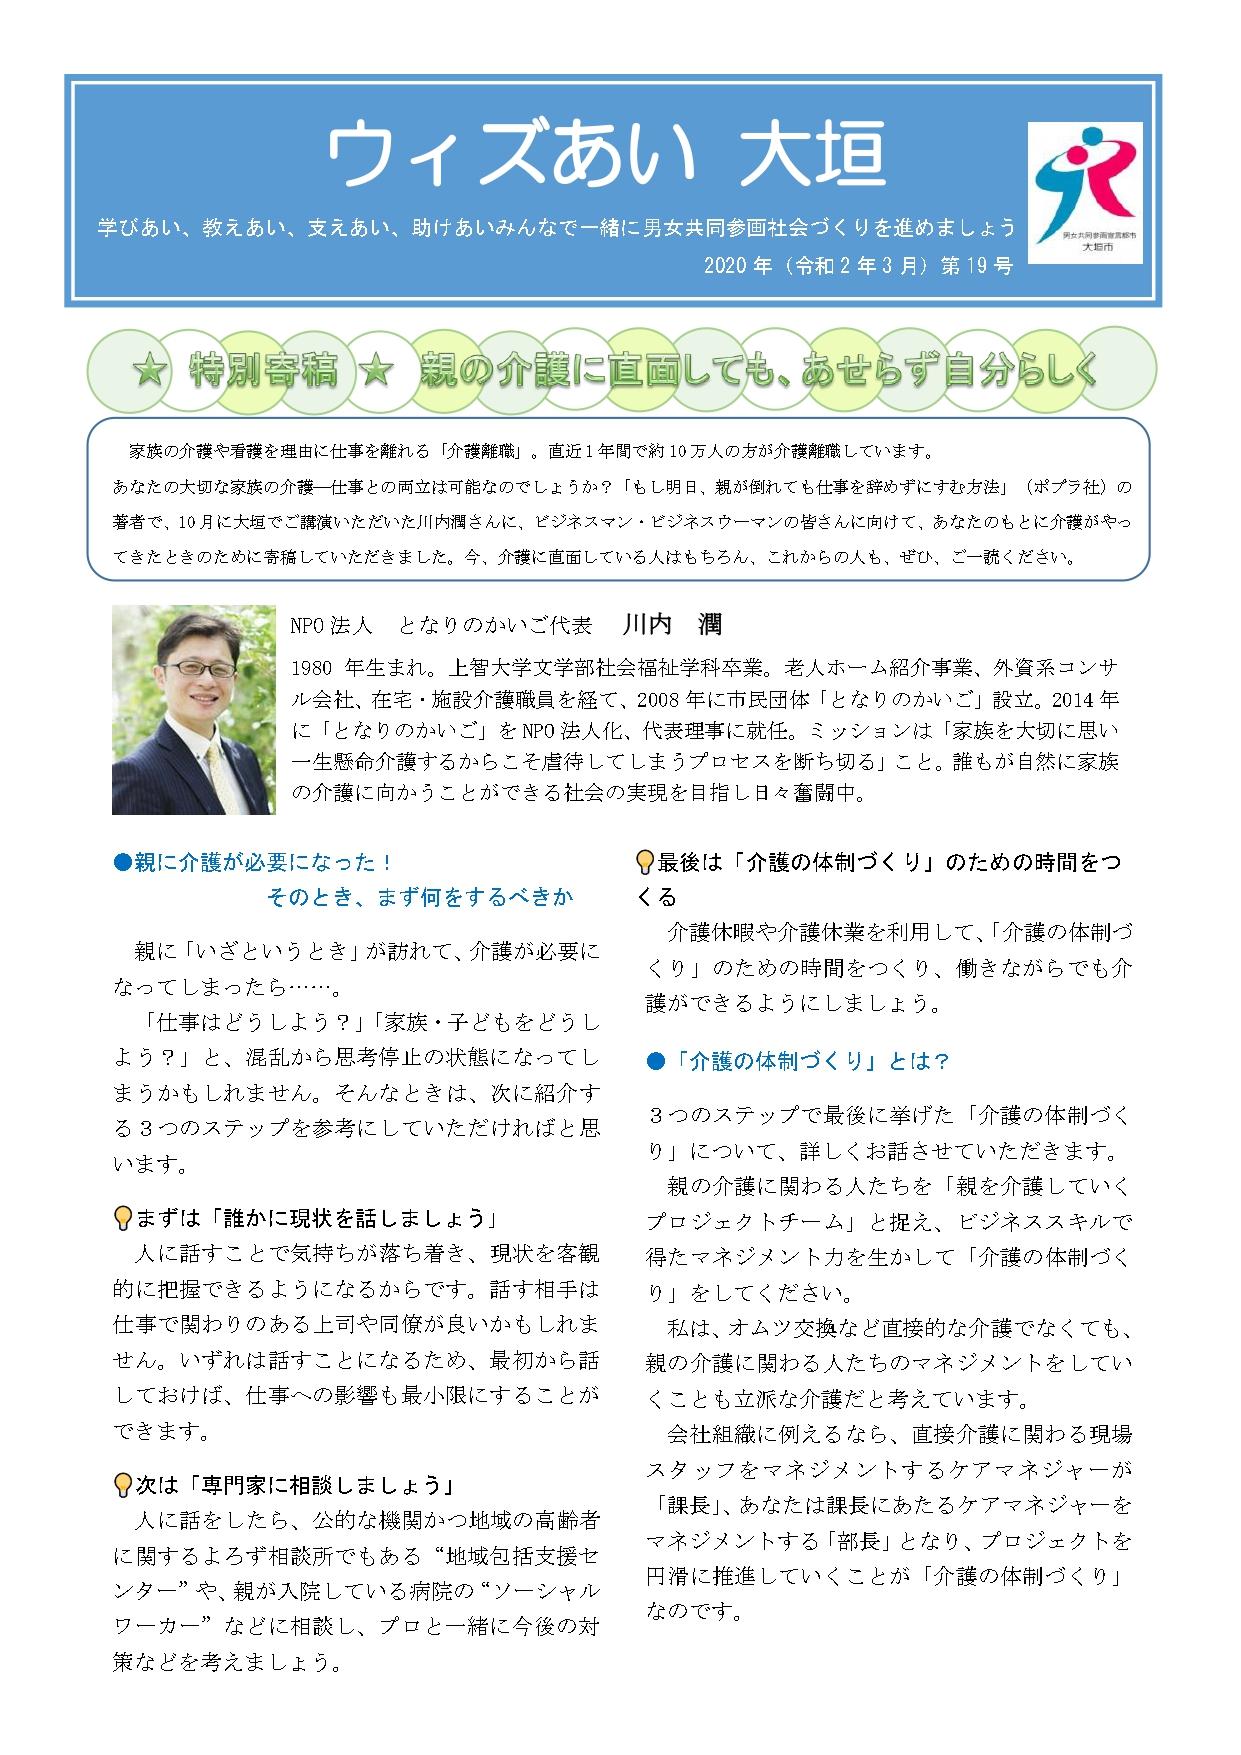 大垣市男女共同参画情報誌『ウィズあい 大垣』